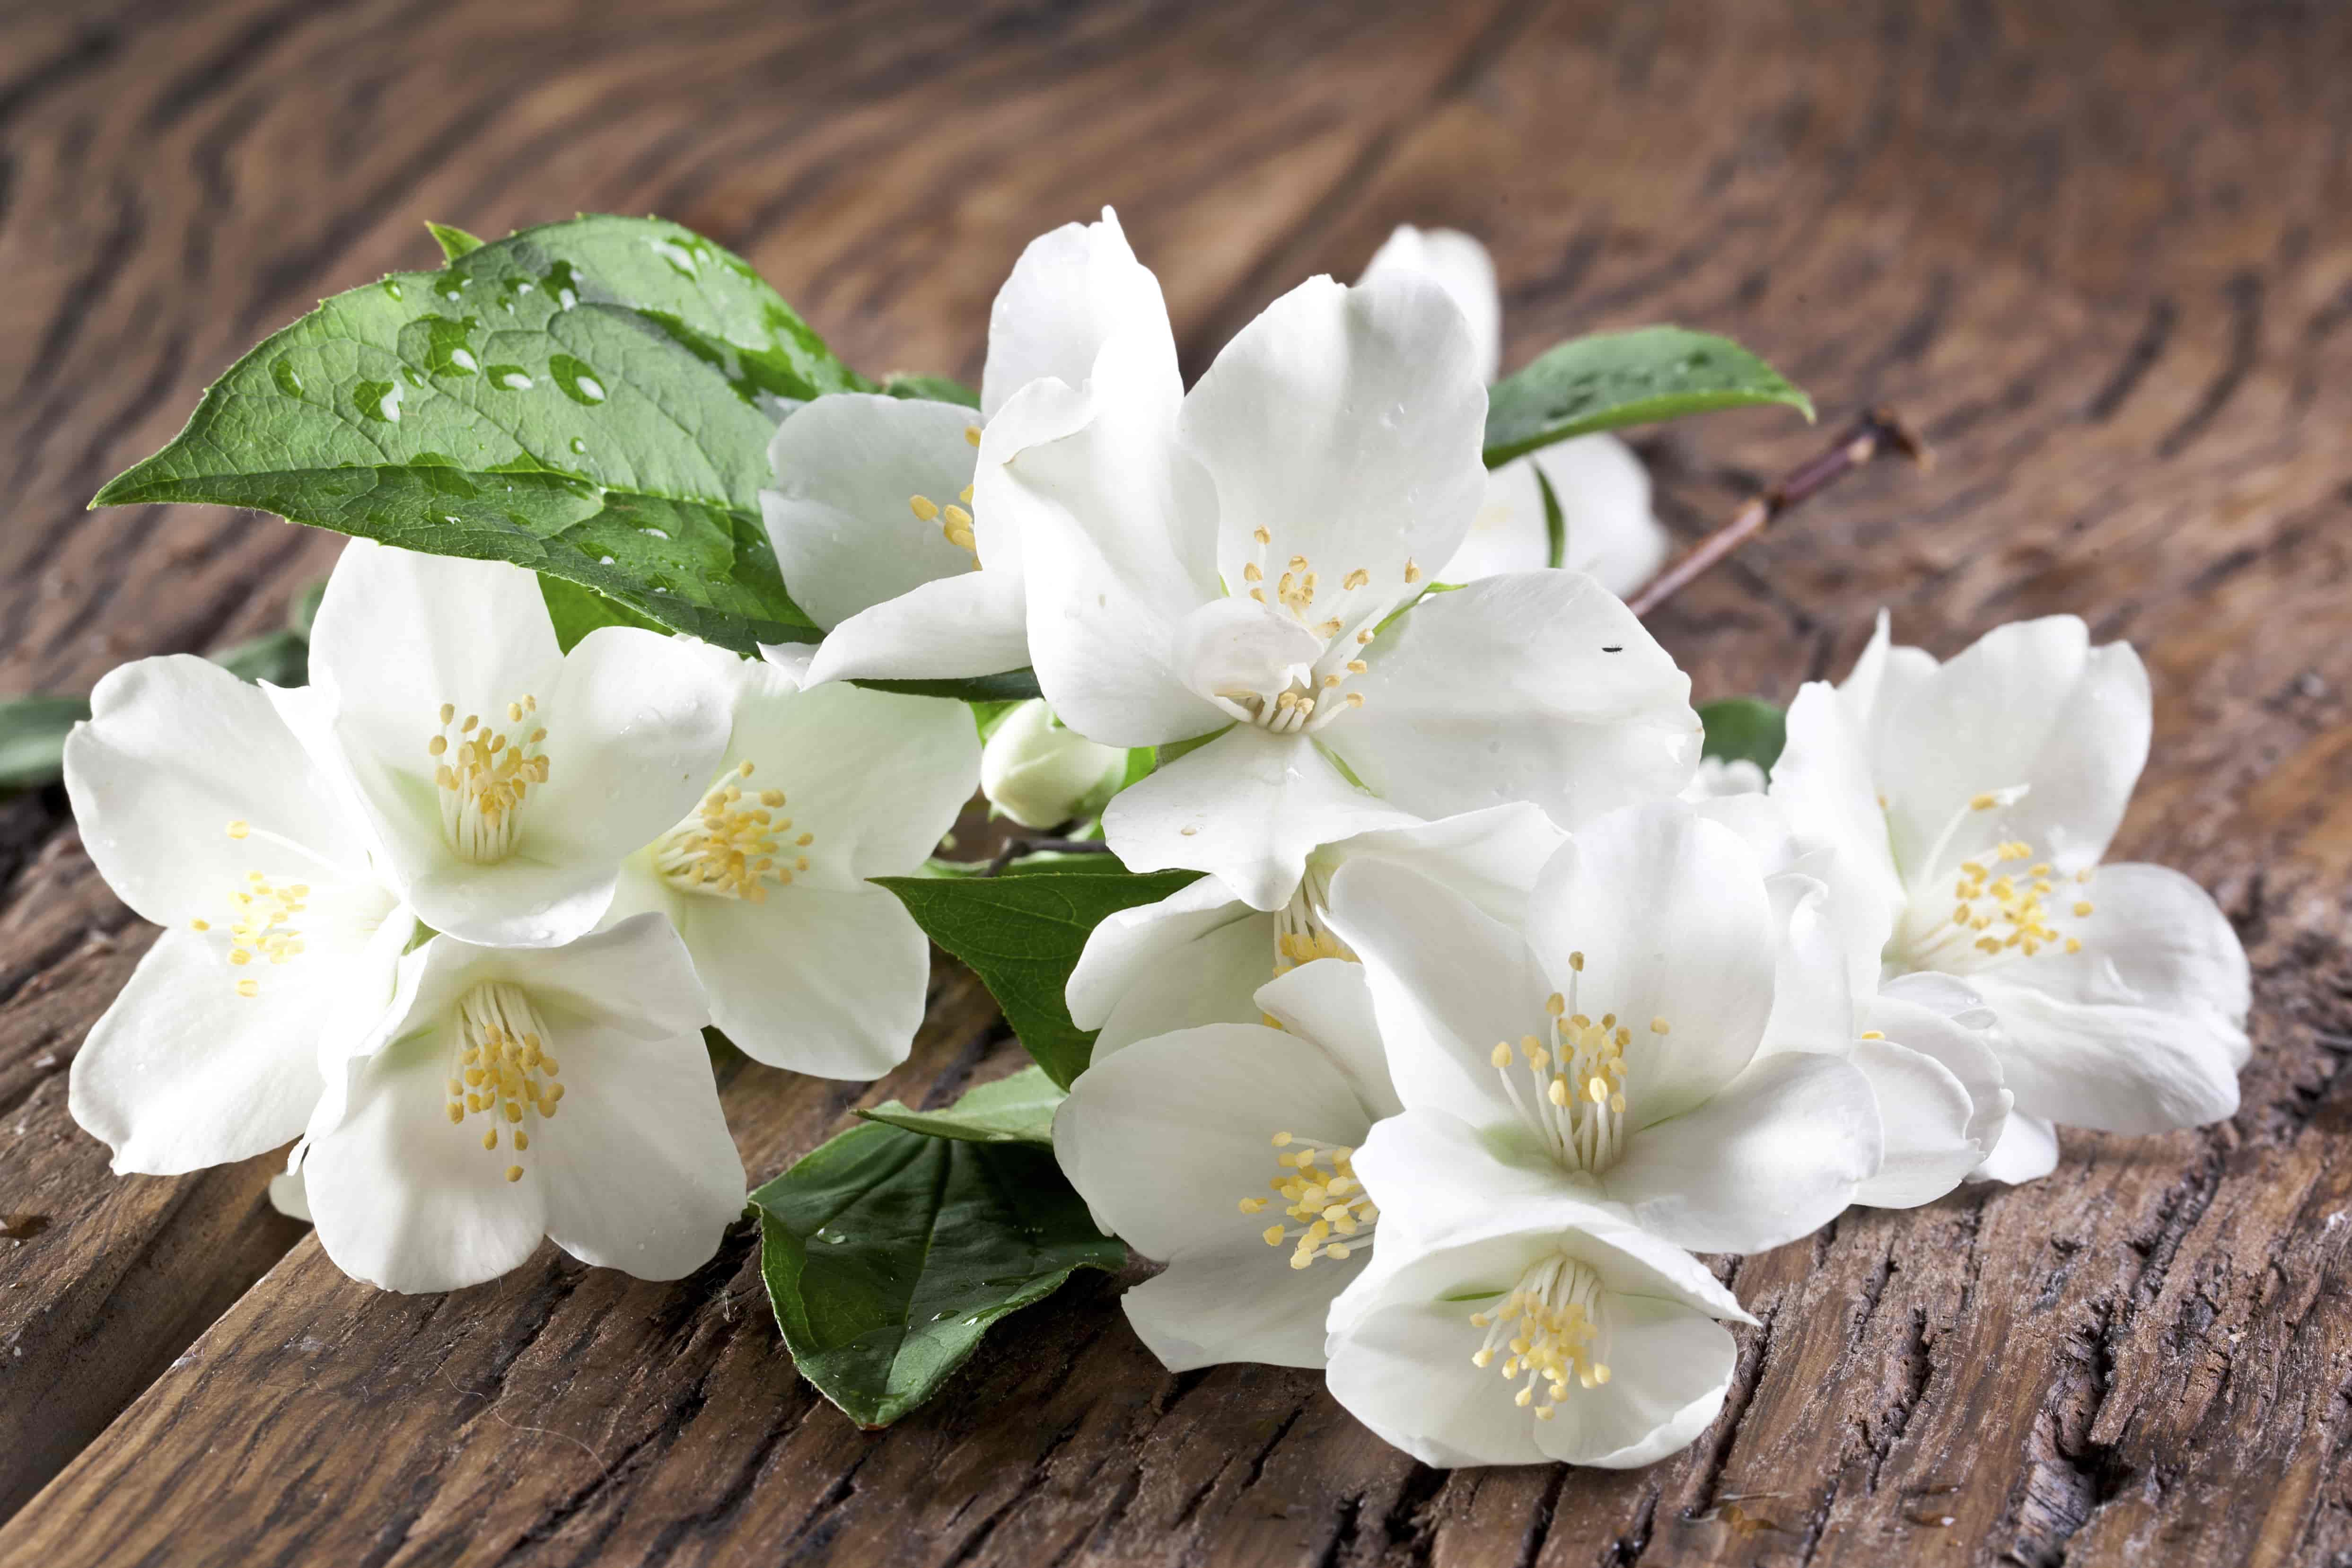 Kukyflor flores arom ticas para la casa - Ambientadores naturales para la casa ...